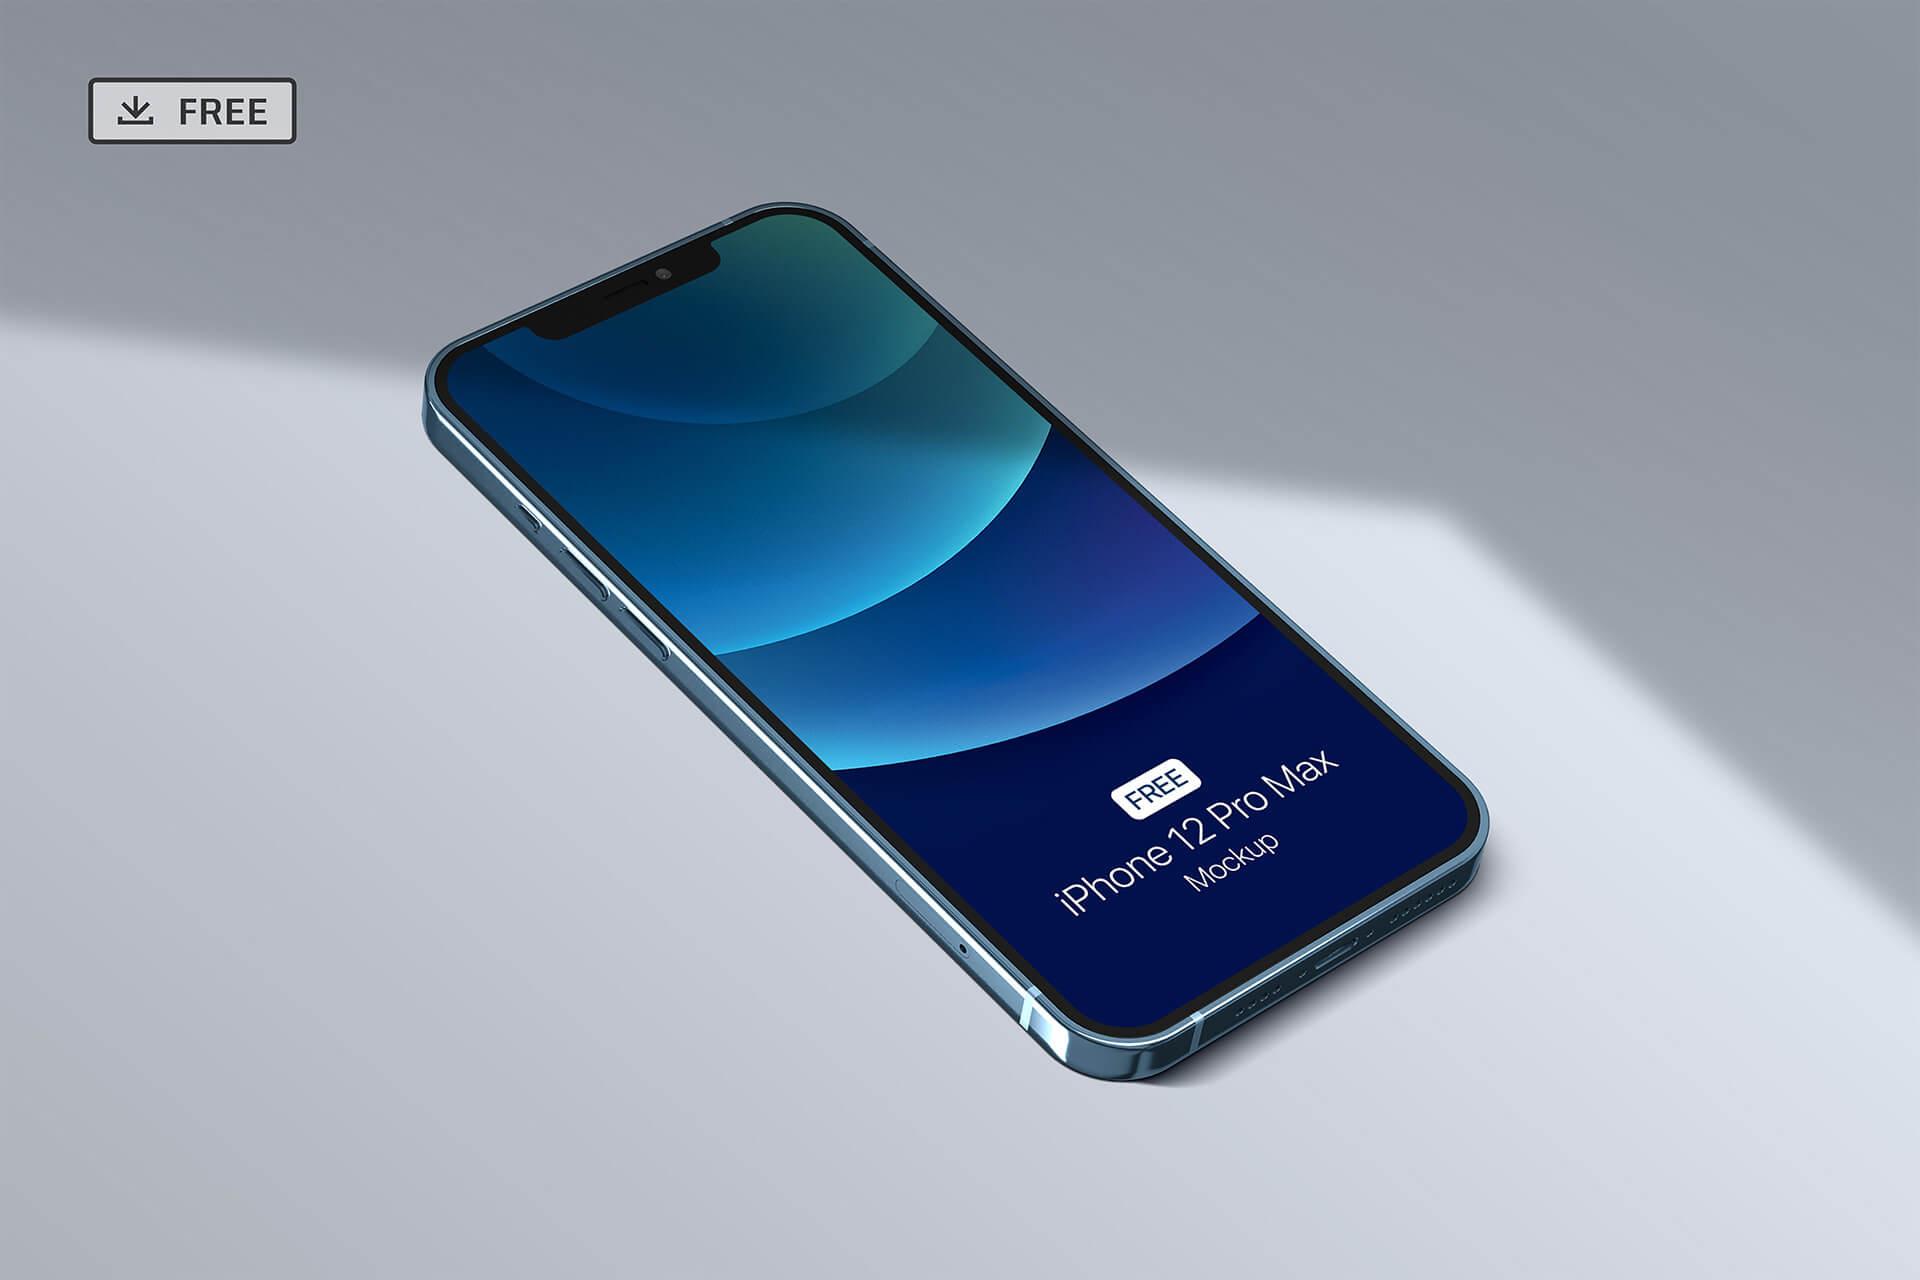 苹果手机12样机精致模版手机多角度展示模版素材iPhone 12 Pro Max Mockup V.01插图